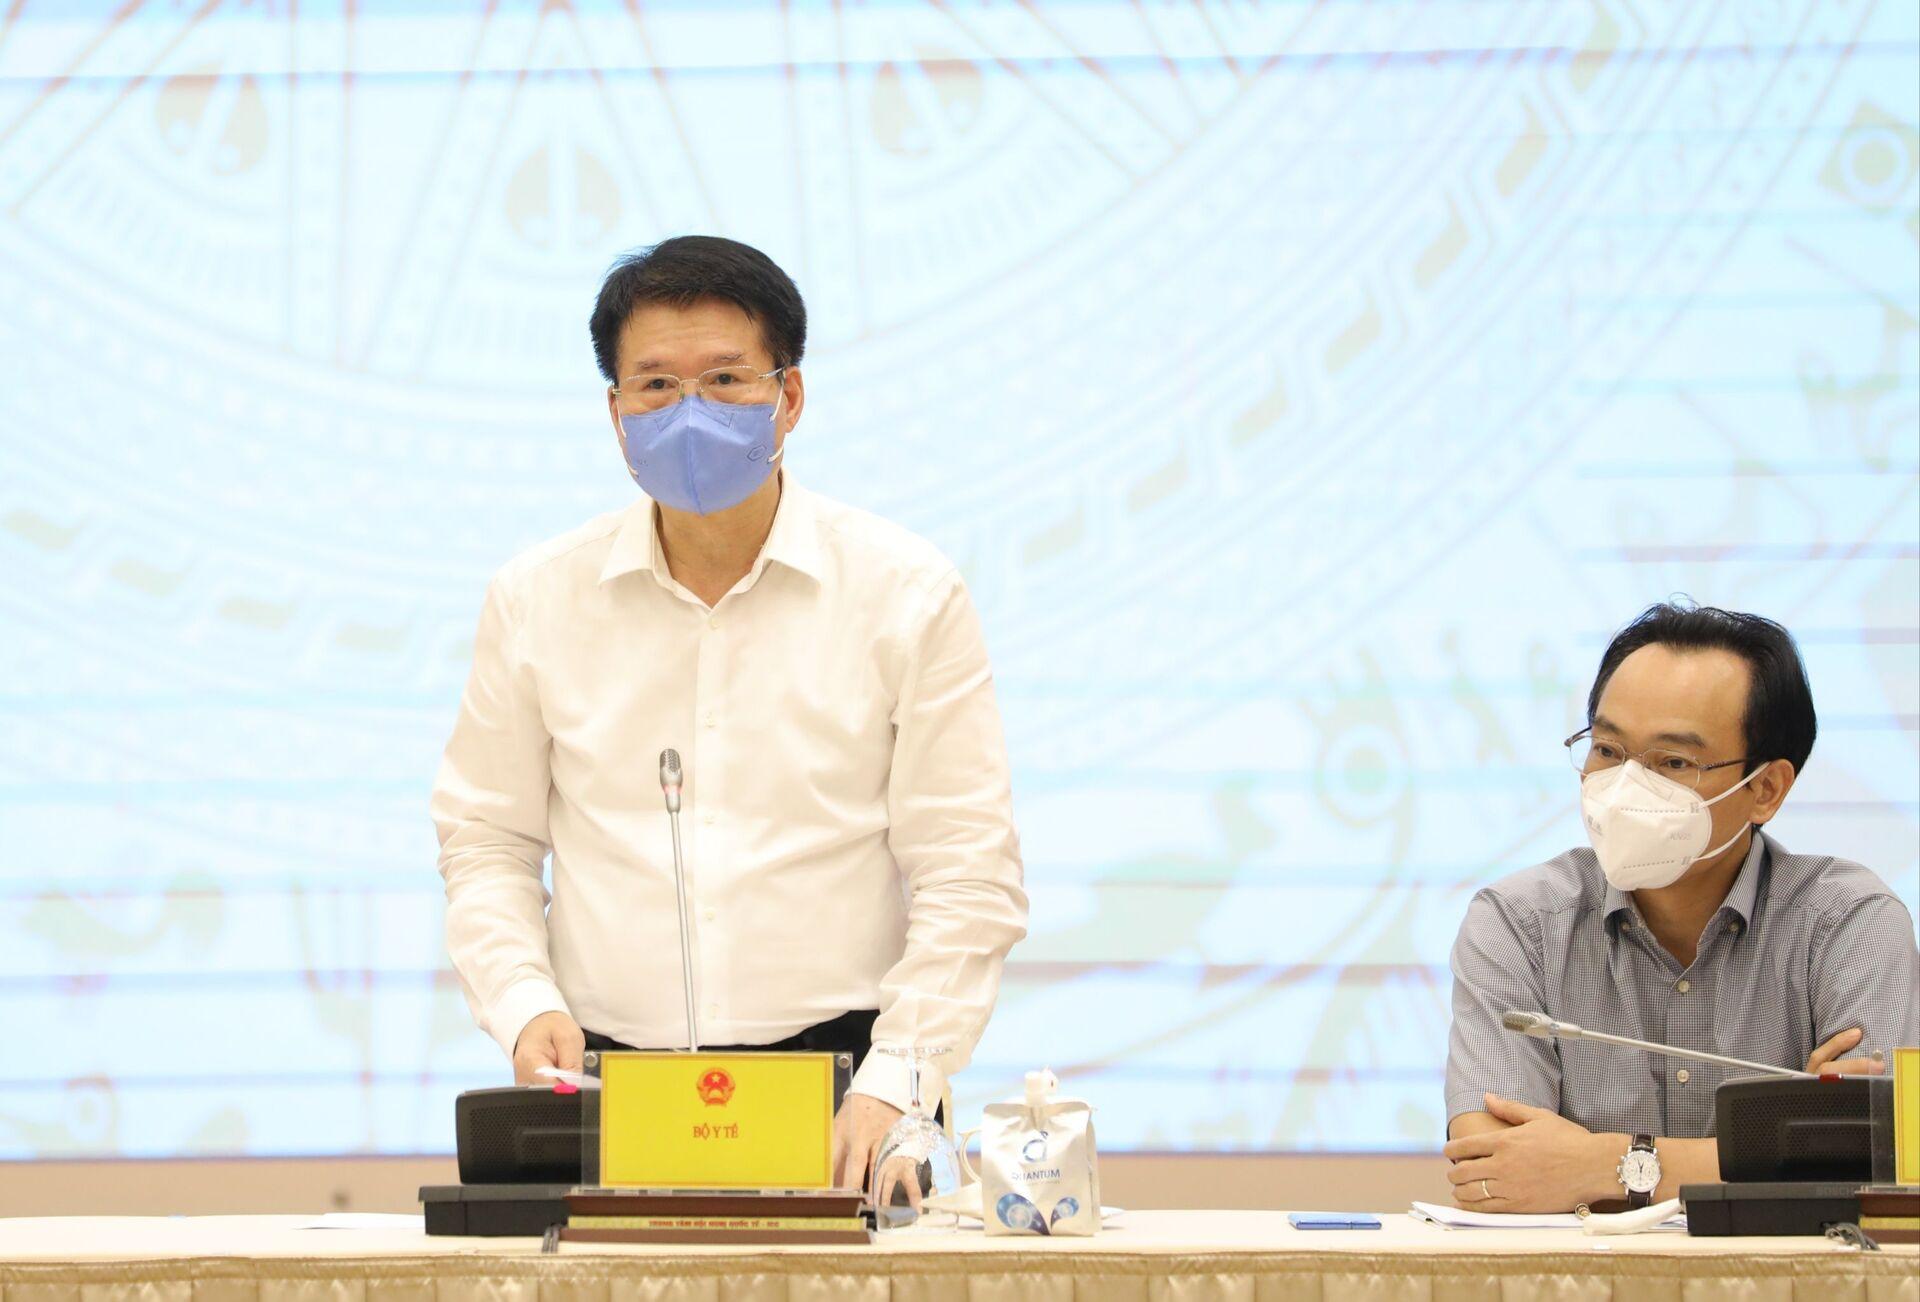 Đã đến lúc vaccine 'Made in Vietnam' được cấp phép để sử dụng hay chưa? - Sputnik Việt Nam, 1920, 27.07.2021